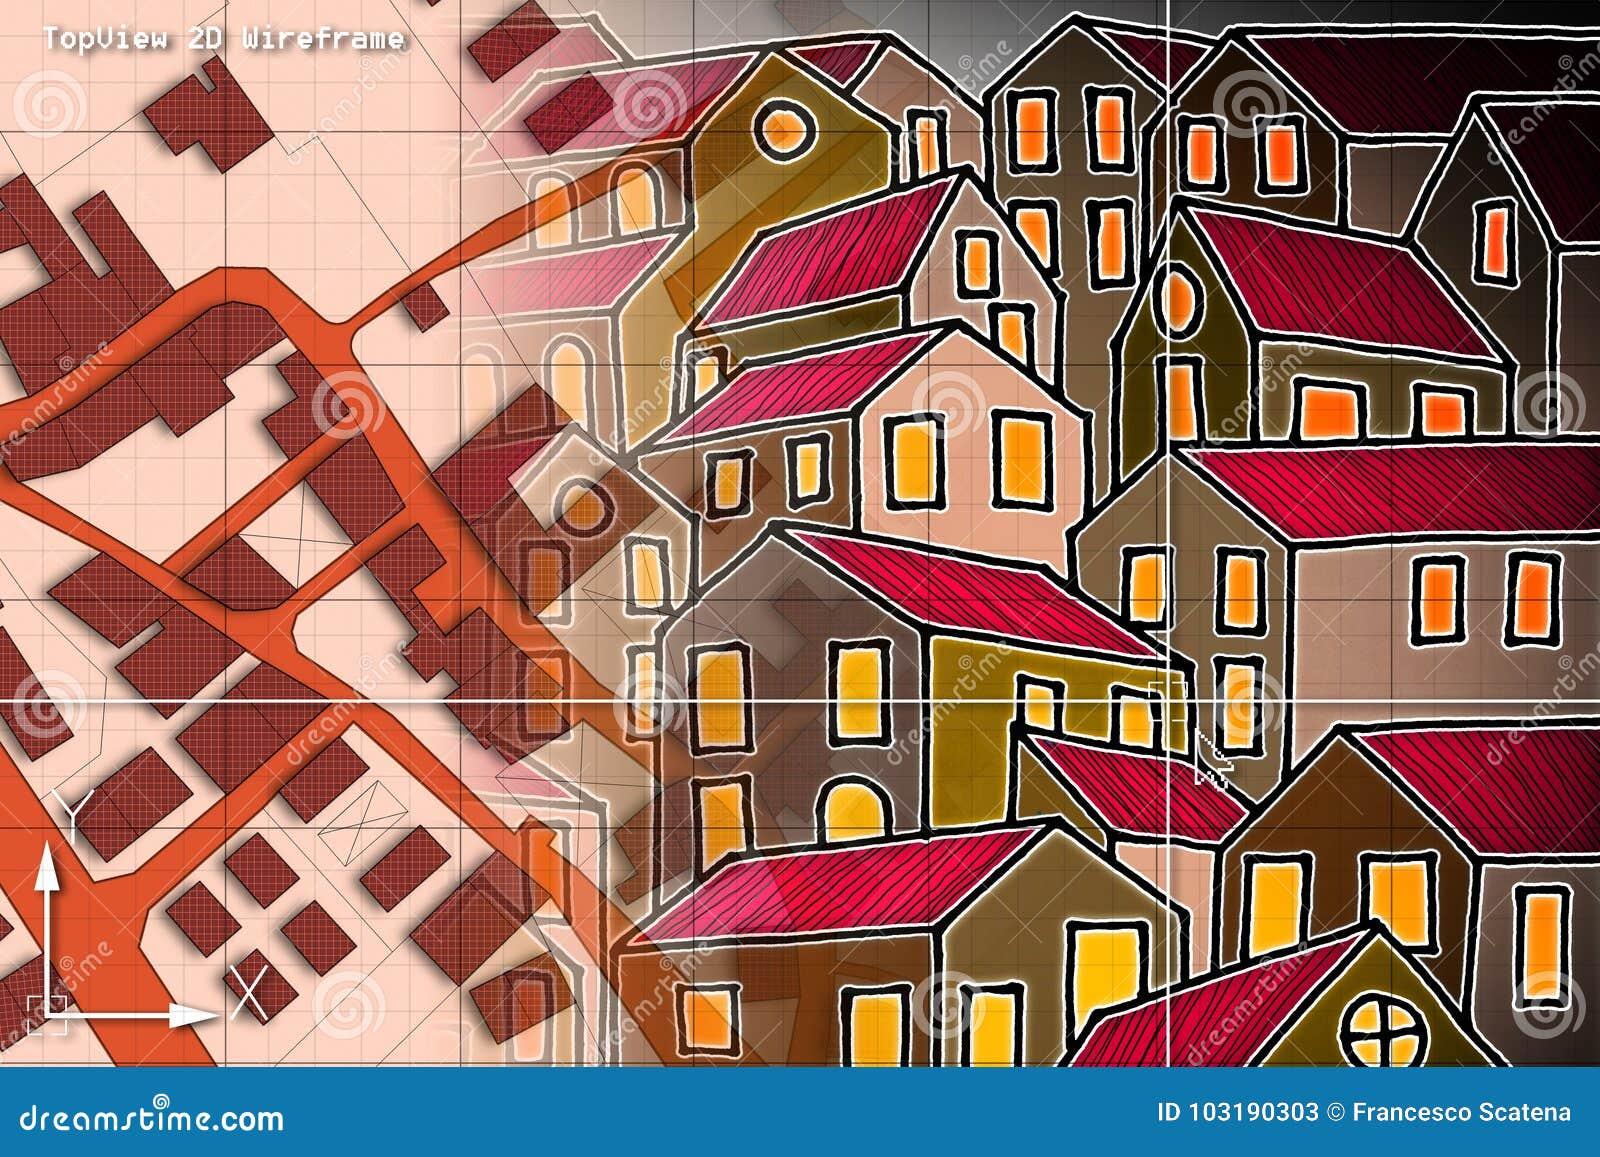 Φανταστικός κτηματολογικός χάρτης του εδάφους με το Δρ κτηρίων και δρόμων